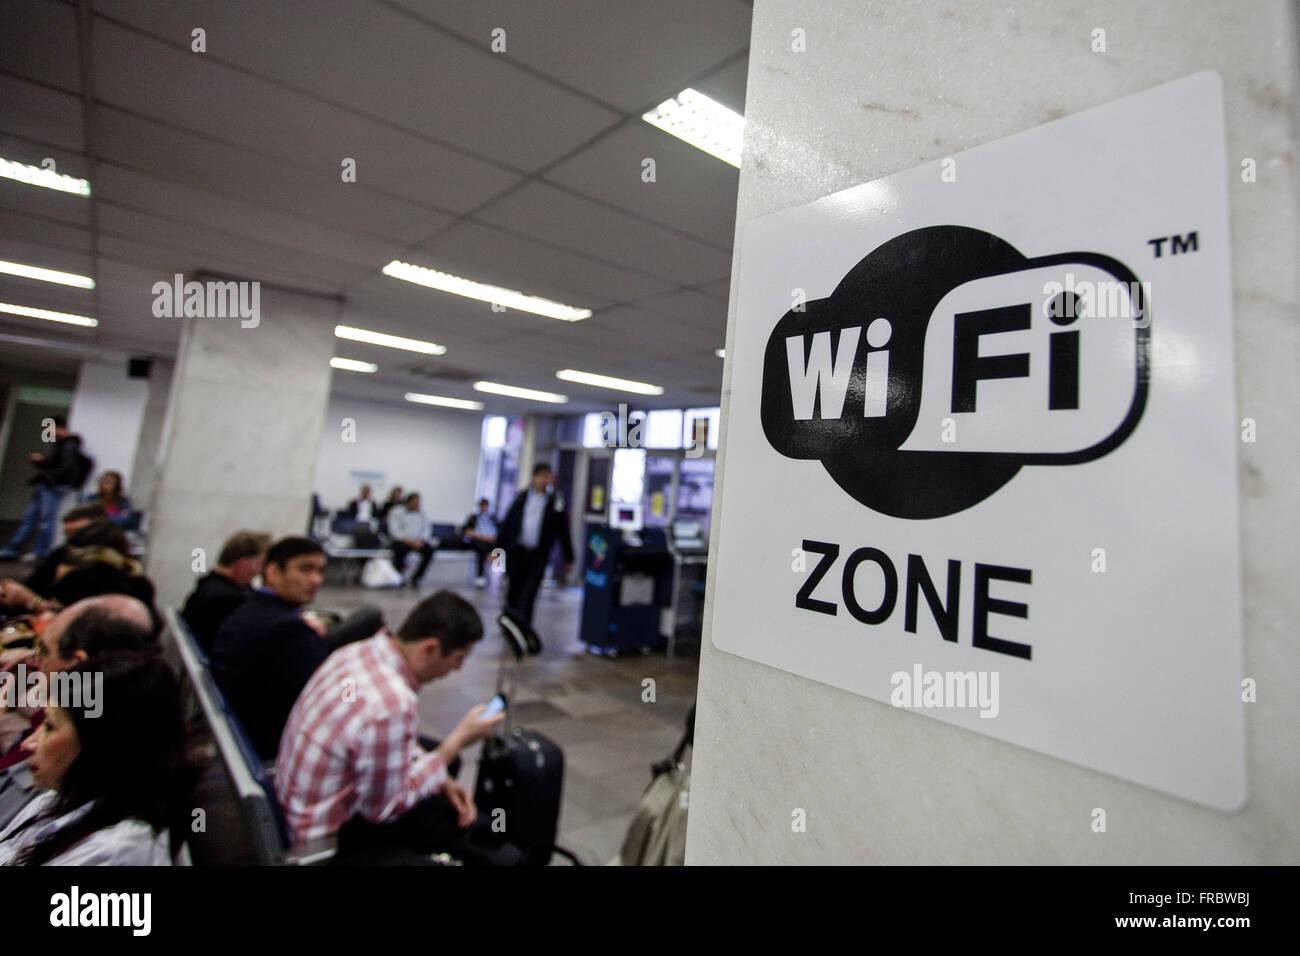 Signe indiquant une connexion Wifi dans la salle d'embarquement de l'aéroport international Salgado Photo Stock